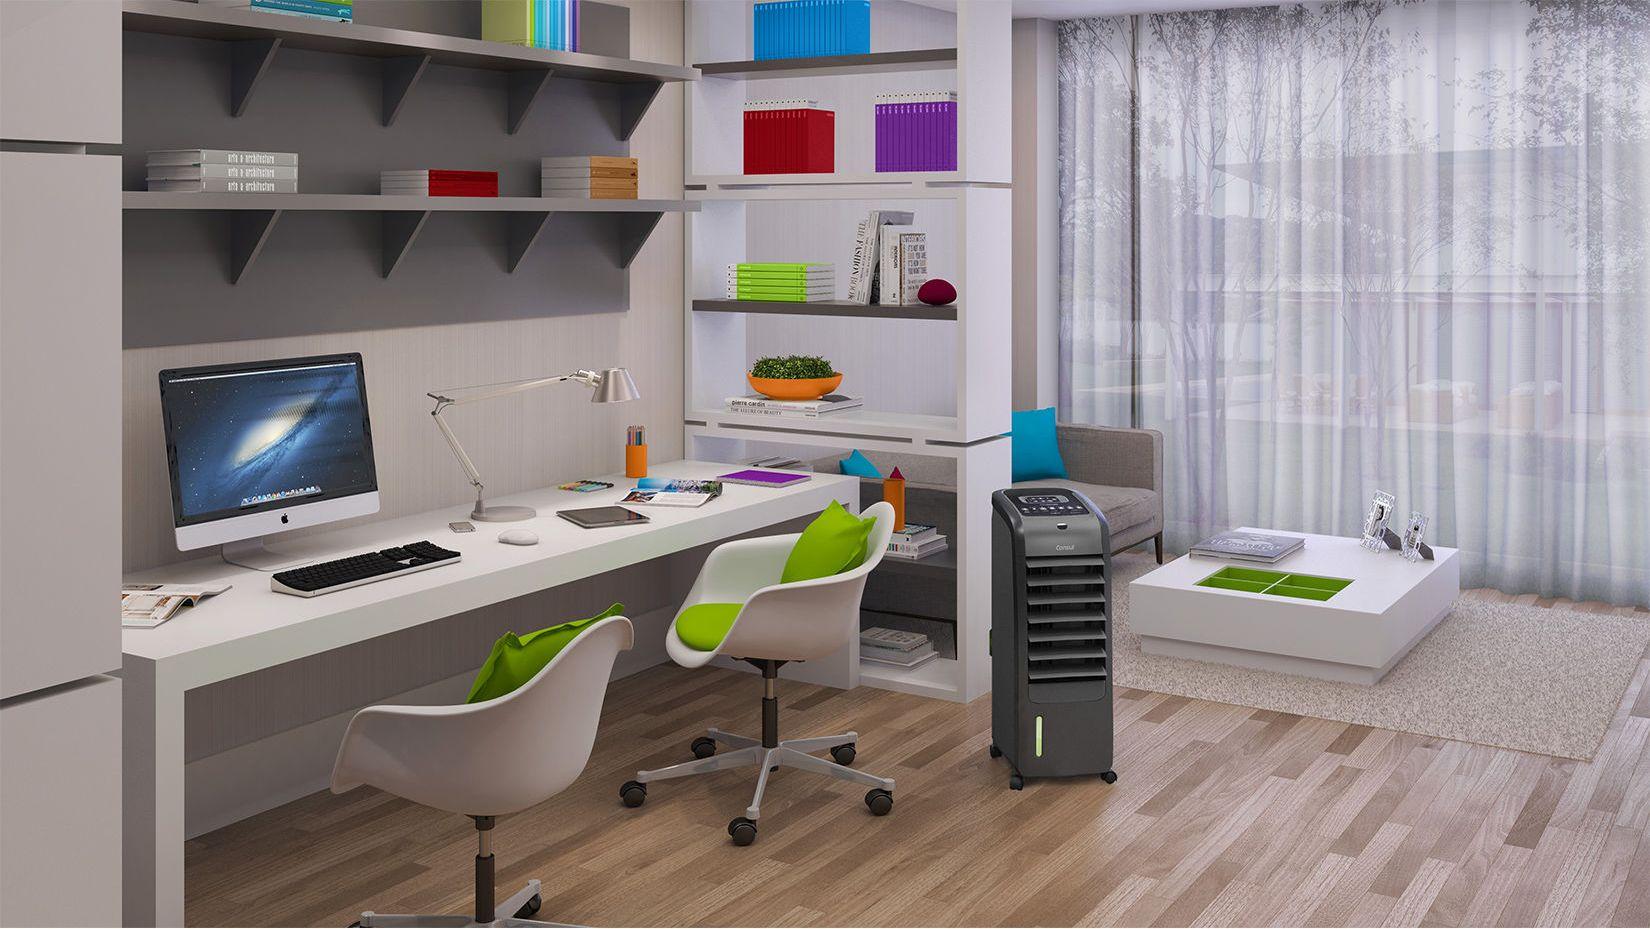 climatizador ventiso é bom para amenizar a temperatura ambiente